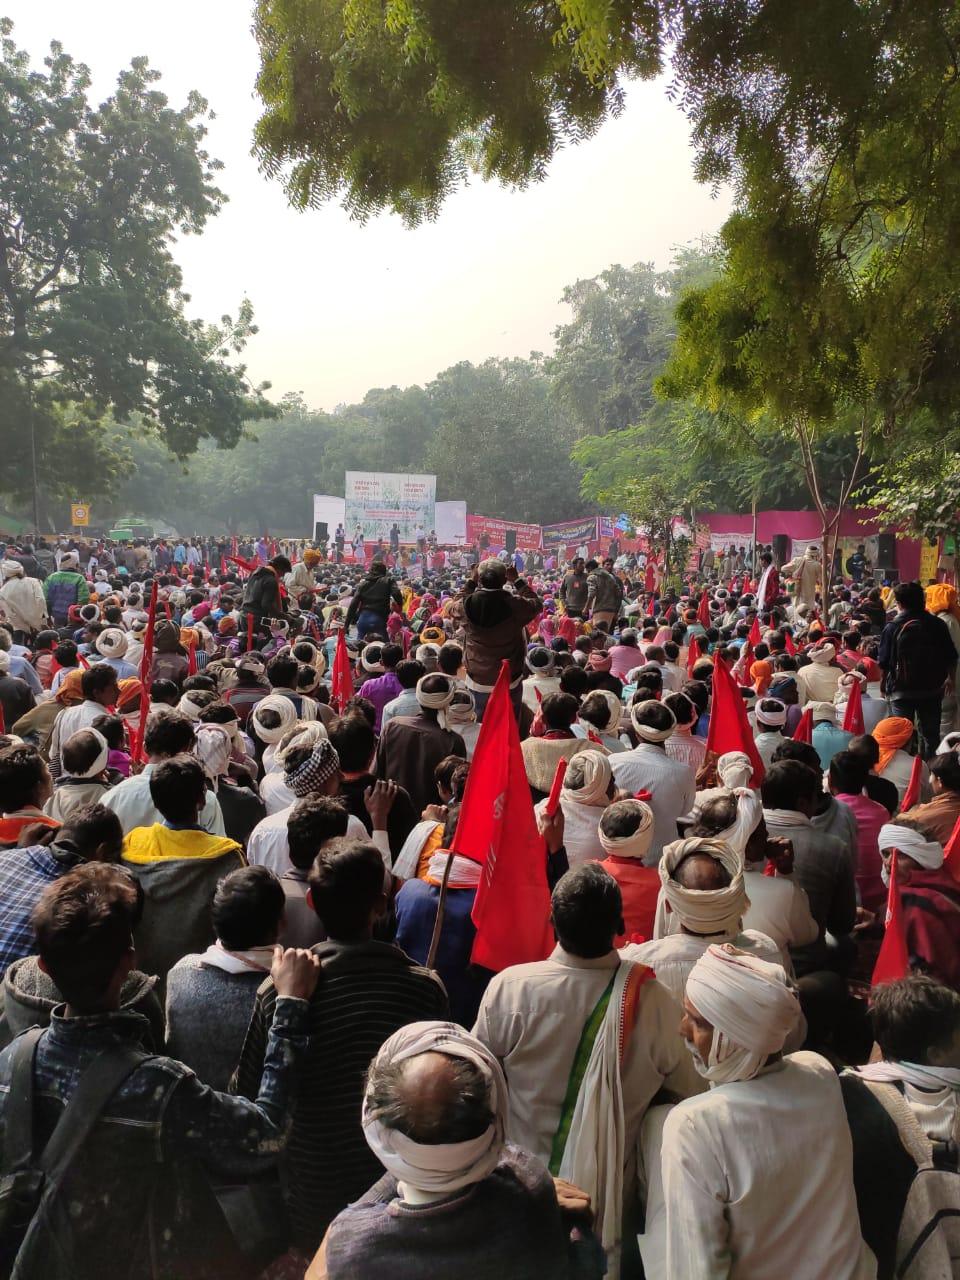 The gathering at Jantar Mantar, New Delhi